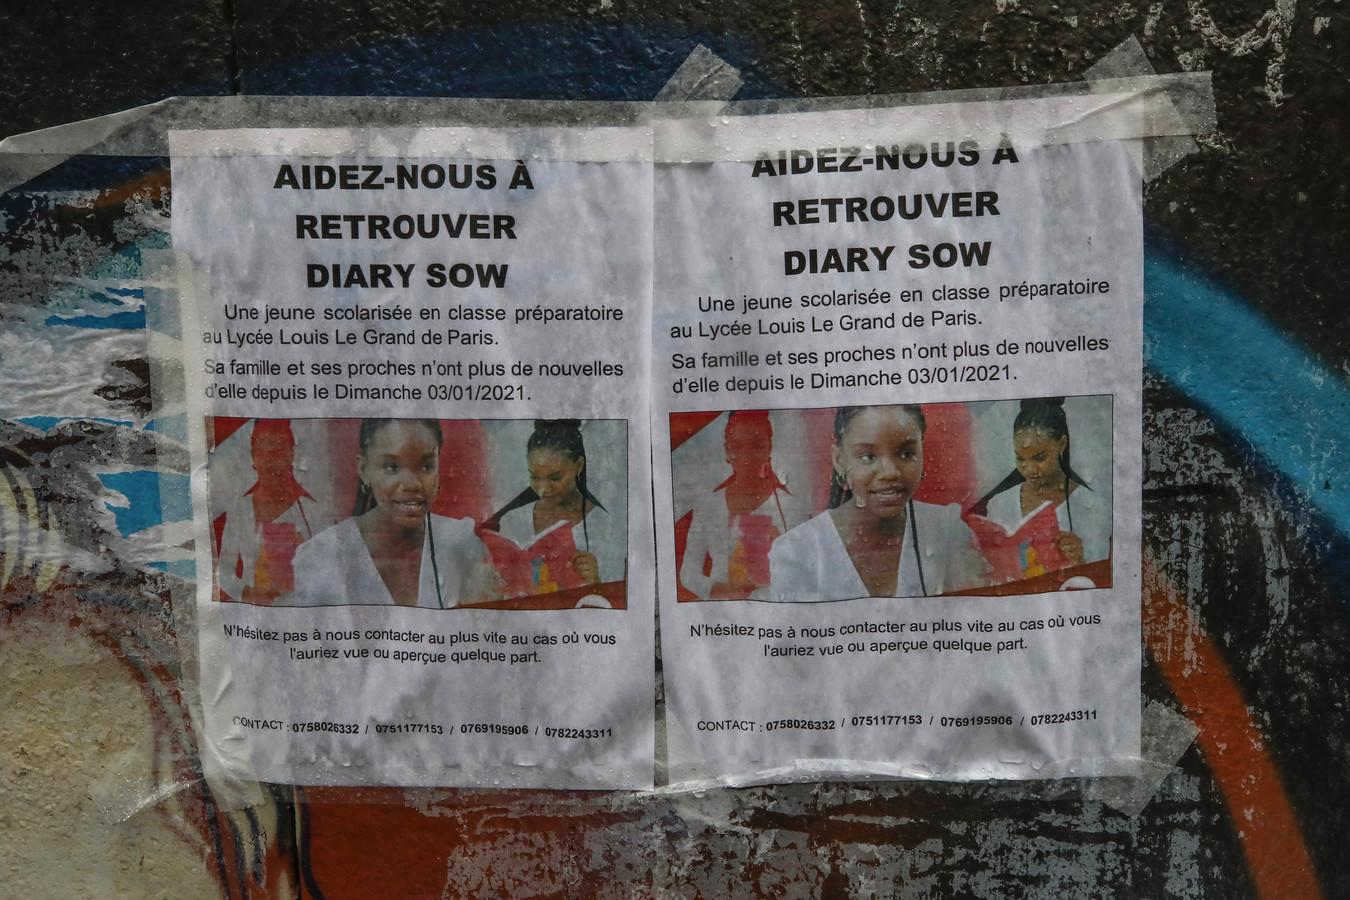 L'avis de recherche placardé sur les murs du lycée Louis-le-Grand, à Paris